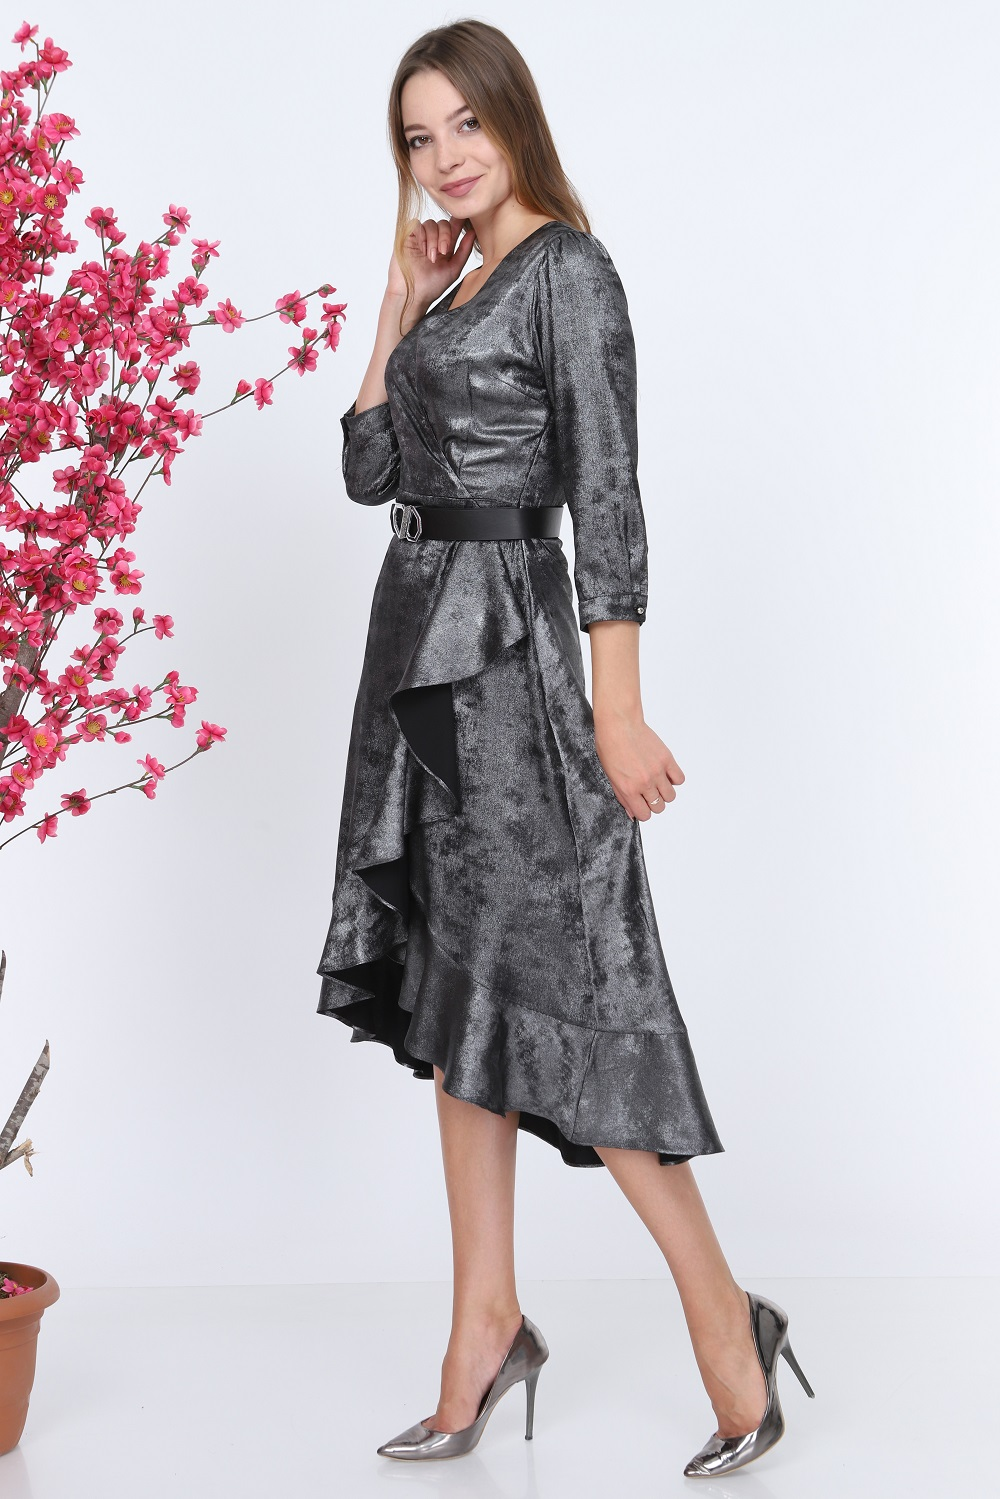 Parlak Kumaşlı Gümüş Elbise